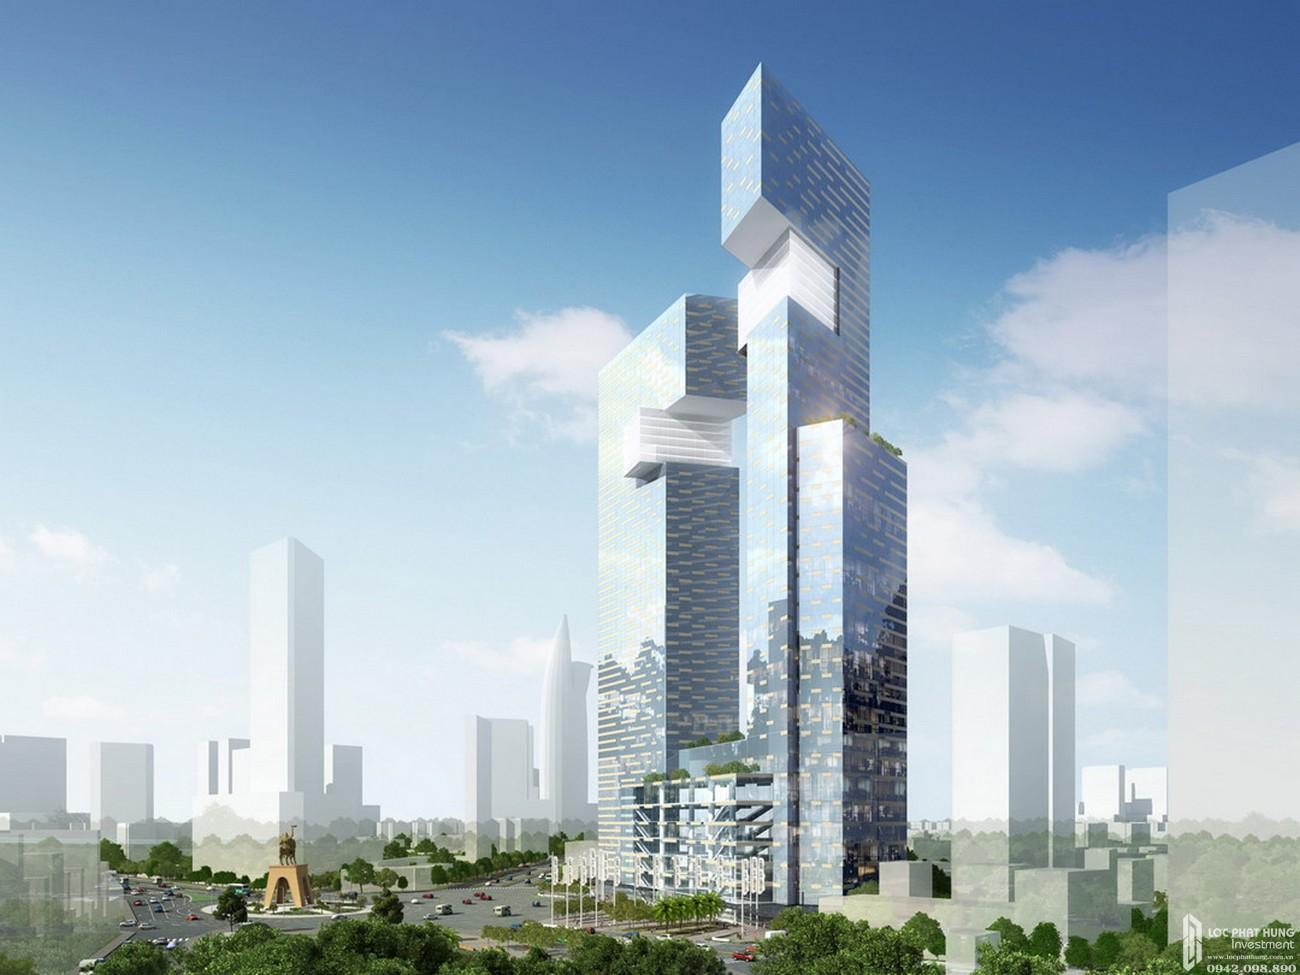 Phối cảnh tổng thể dự án căn hộ chung cư The Spirit Of Saigon Quận 1 Đường 1 Phạm Ngũ Lão chủ đầu tư Bitexco